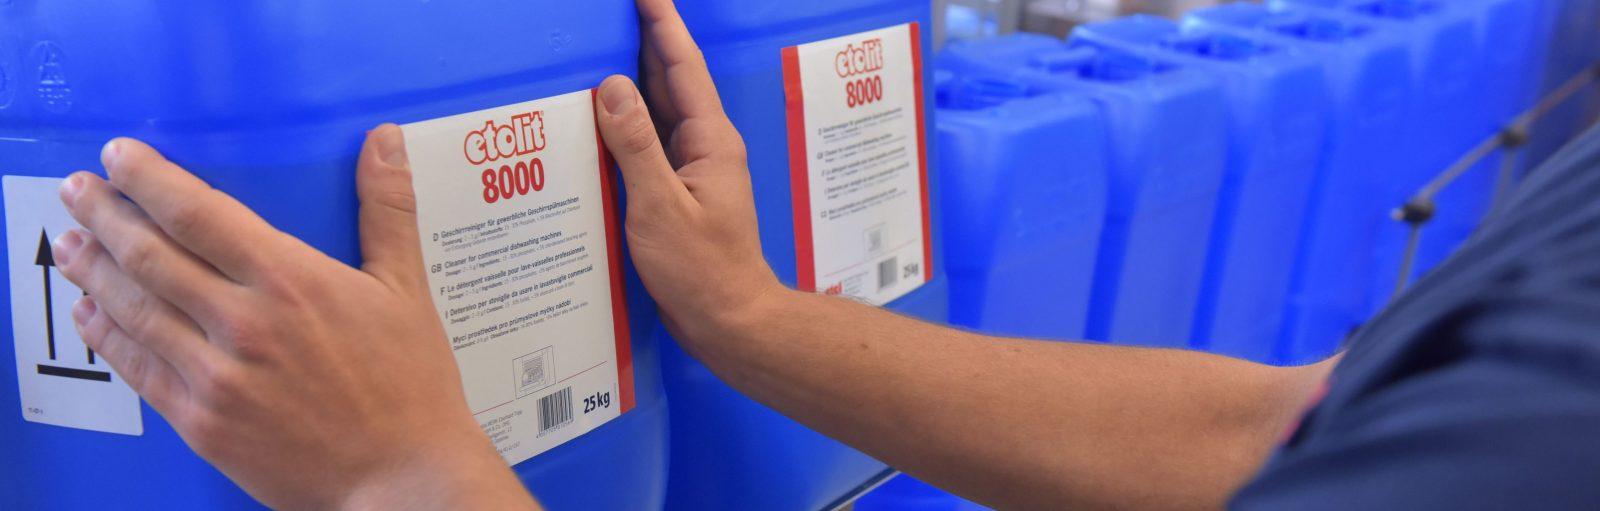 etol etolit Reinigungsmittel für gewerbliche Küchen, Spezialreiniger für Spülmaschinen